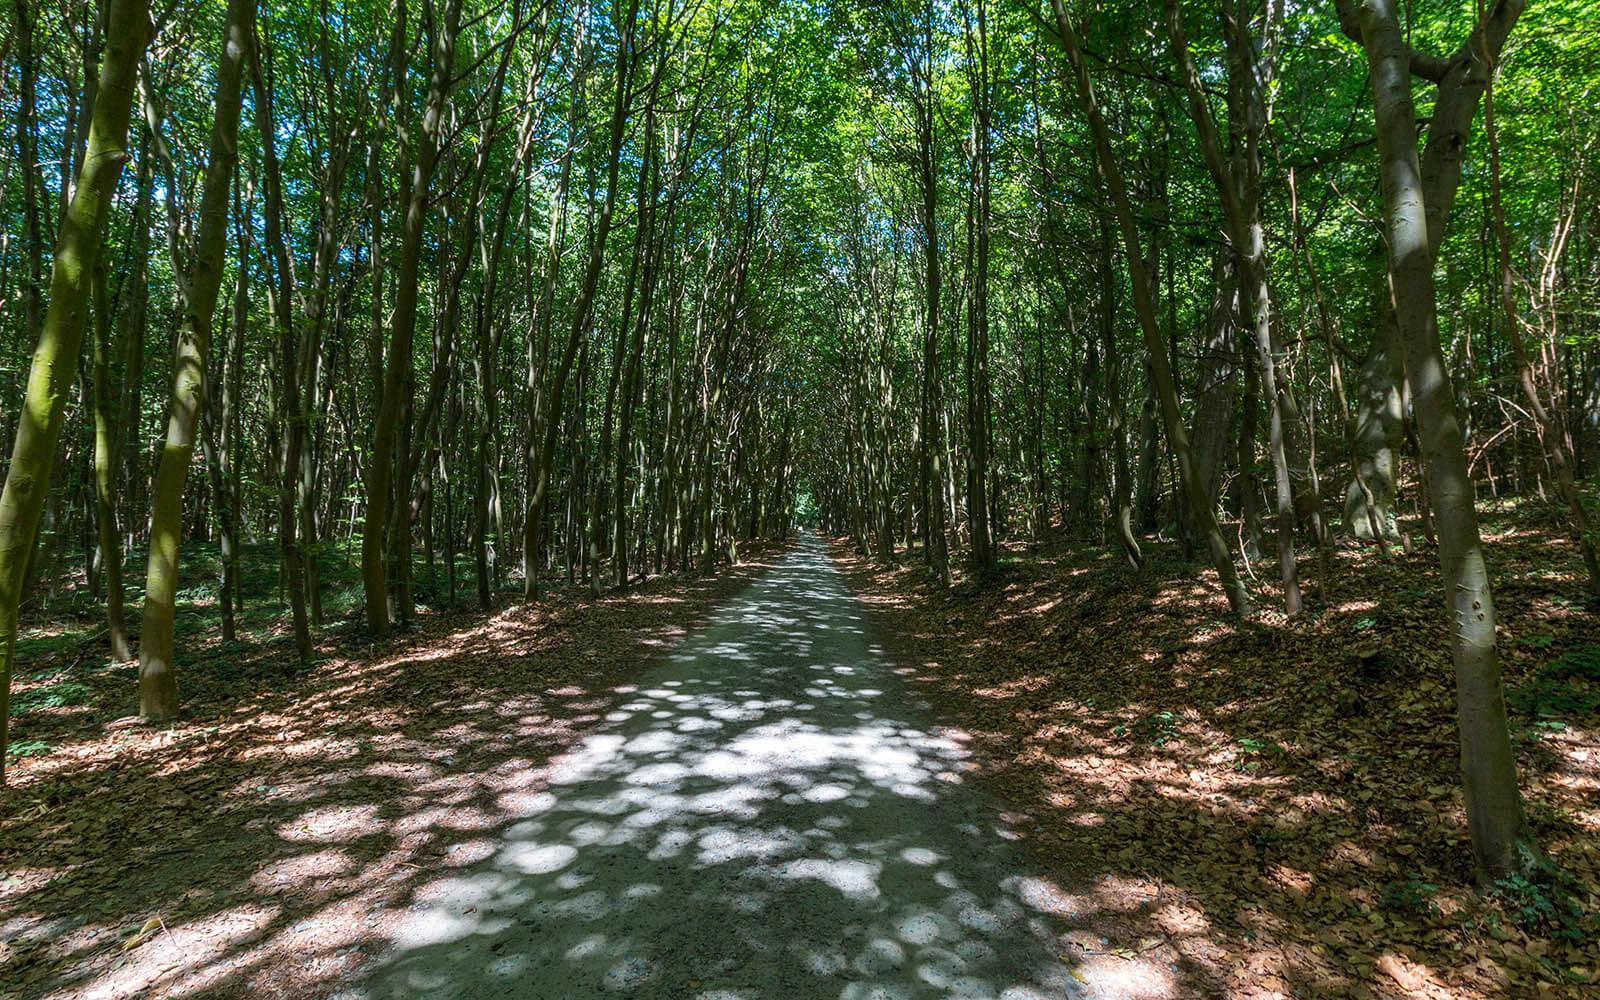 Nadmorska ścieżka rowerowa nawyspie Uznam